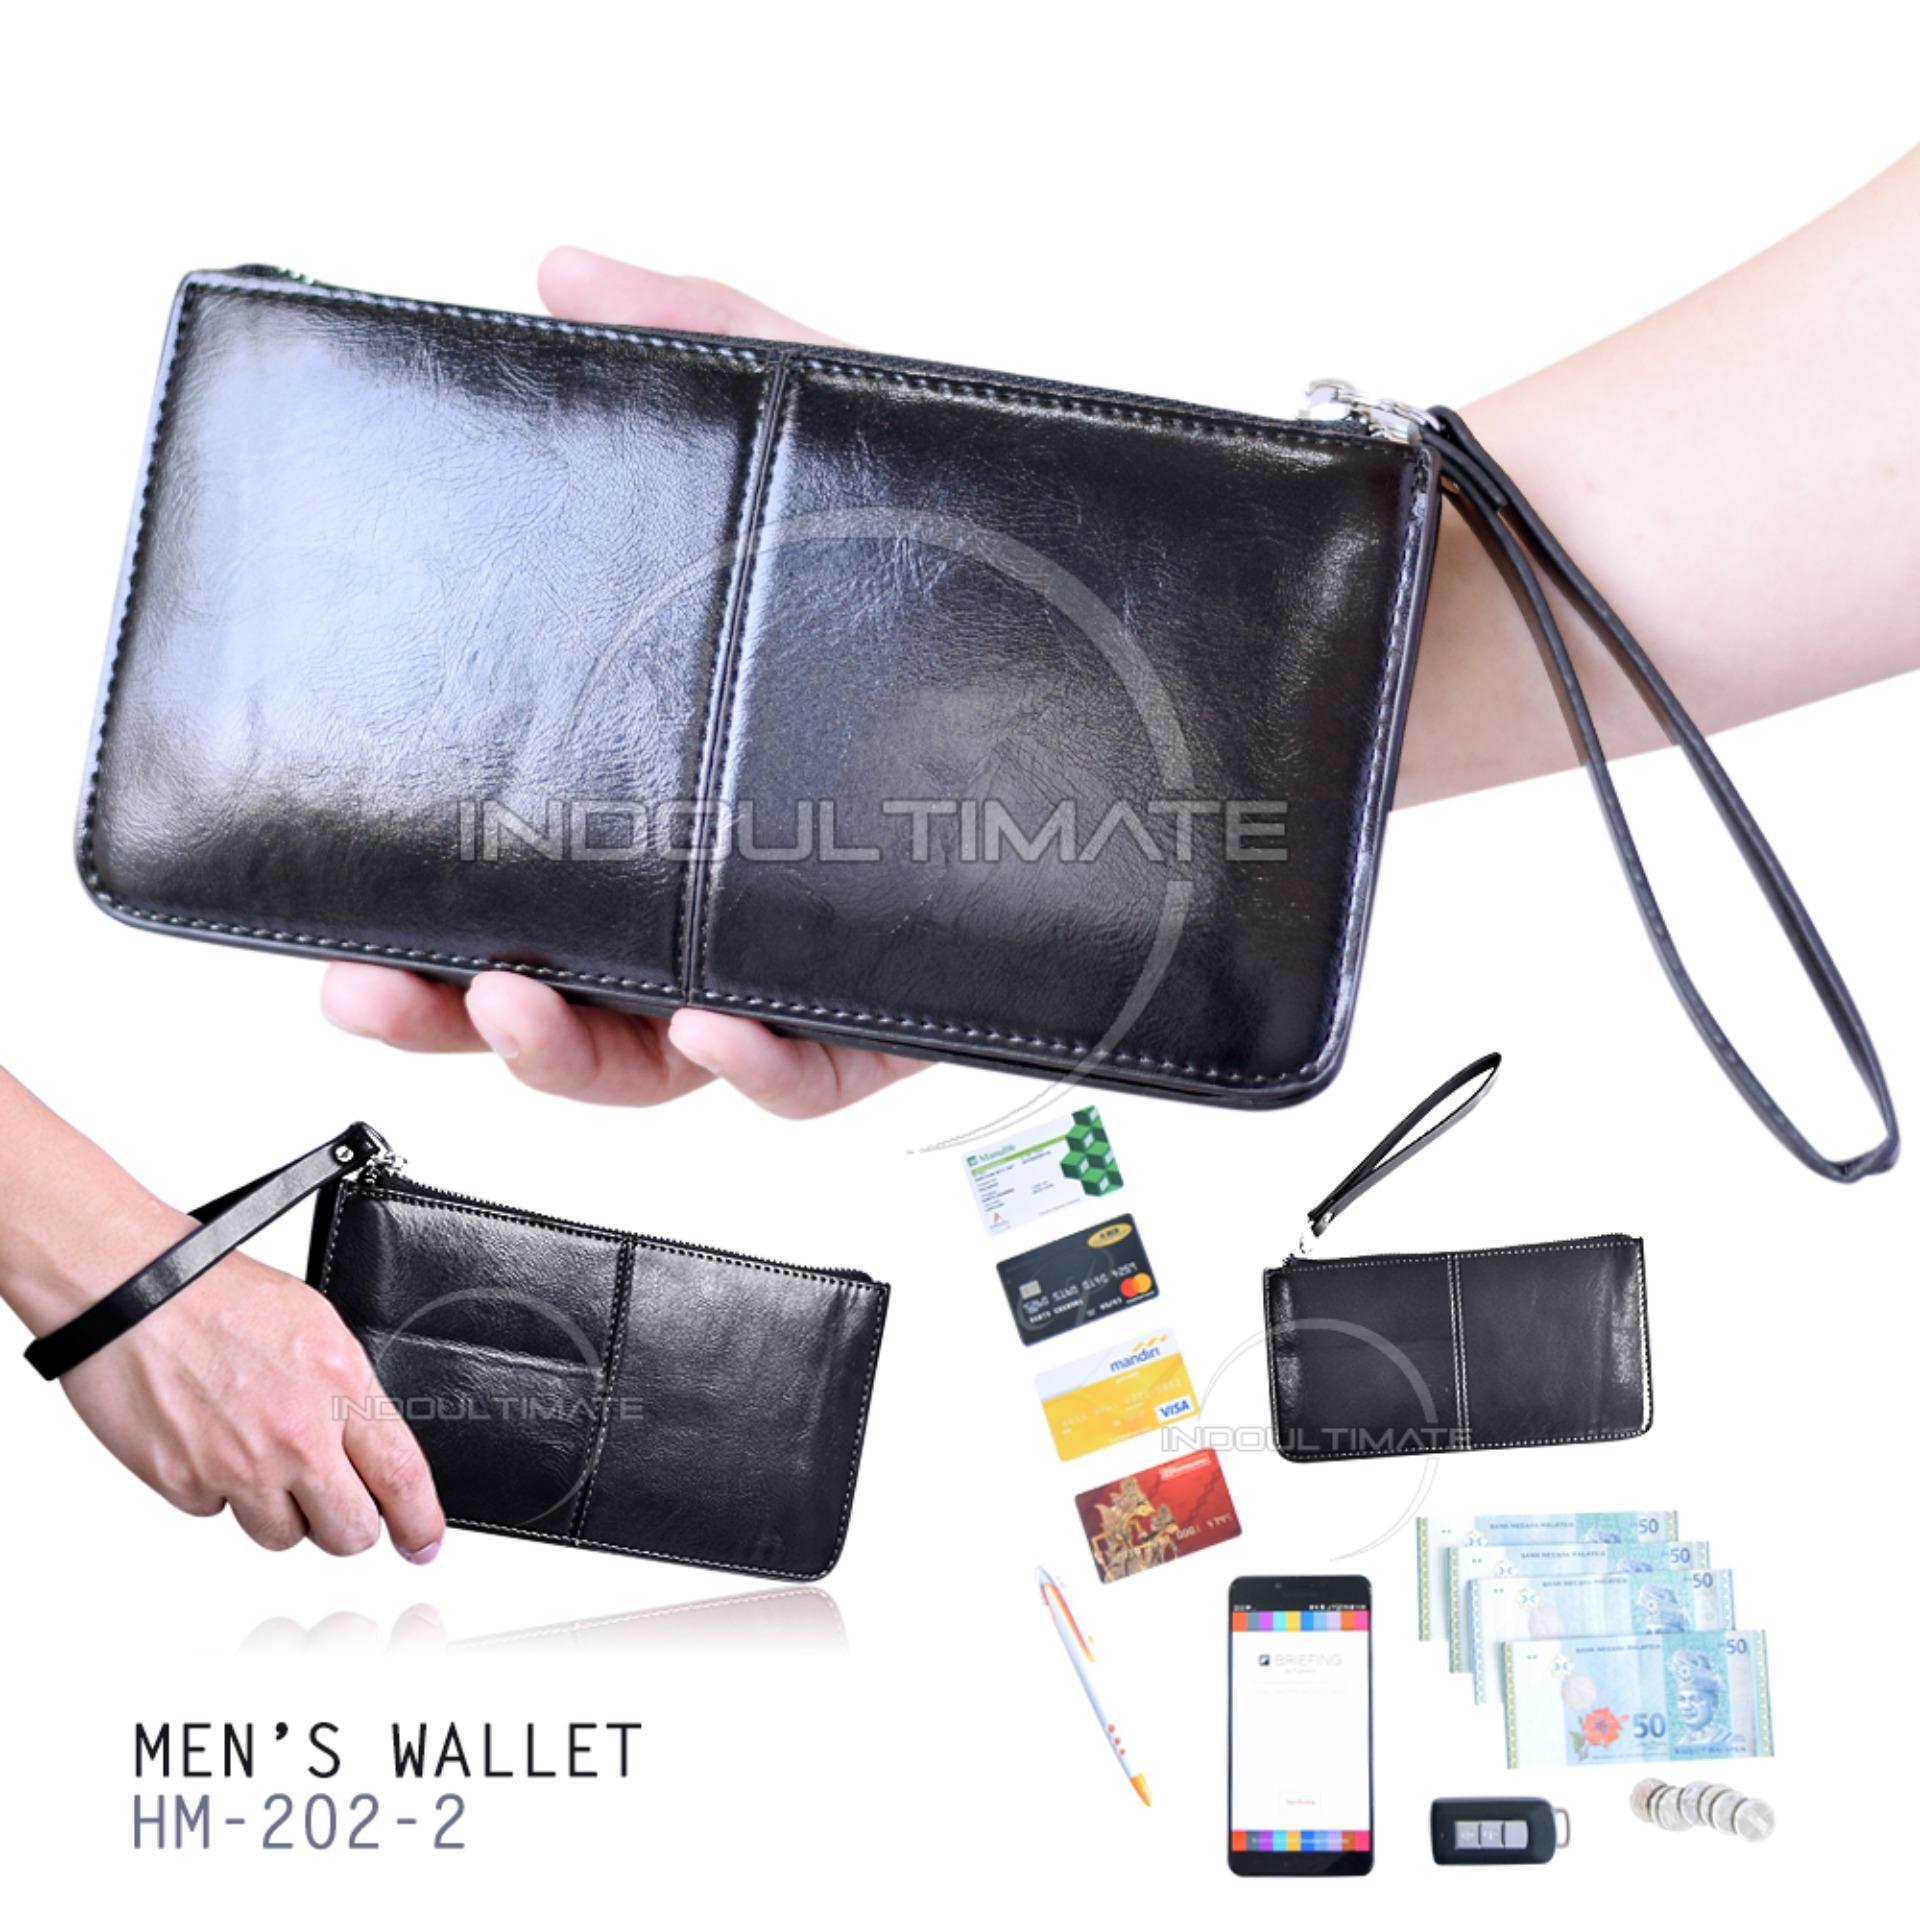 Ultimate Dompet Pria HM-202-2 / Dompet Cowok Kartu ATM Panjang Lipat Import Murah